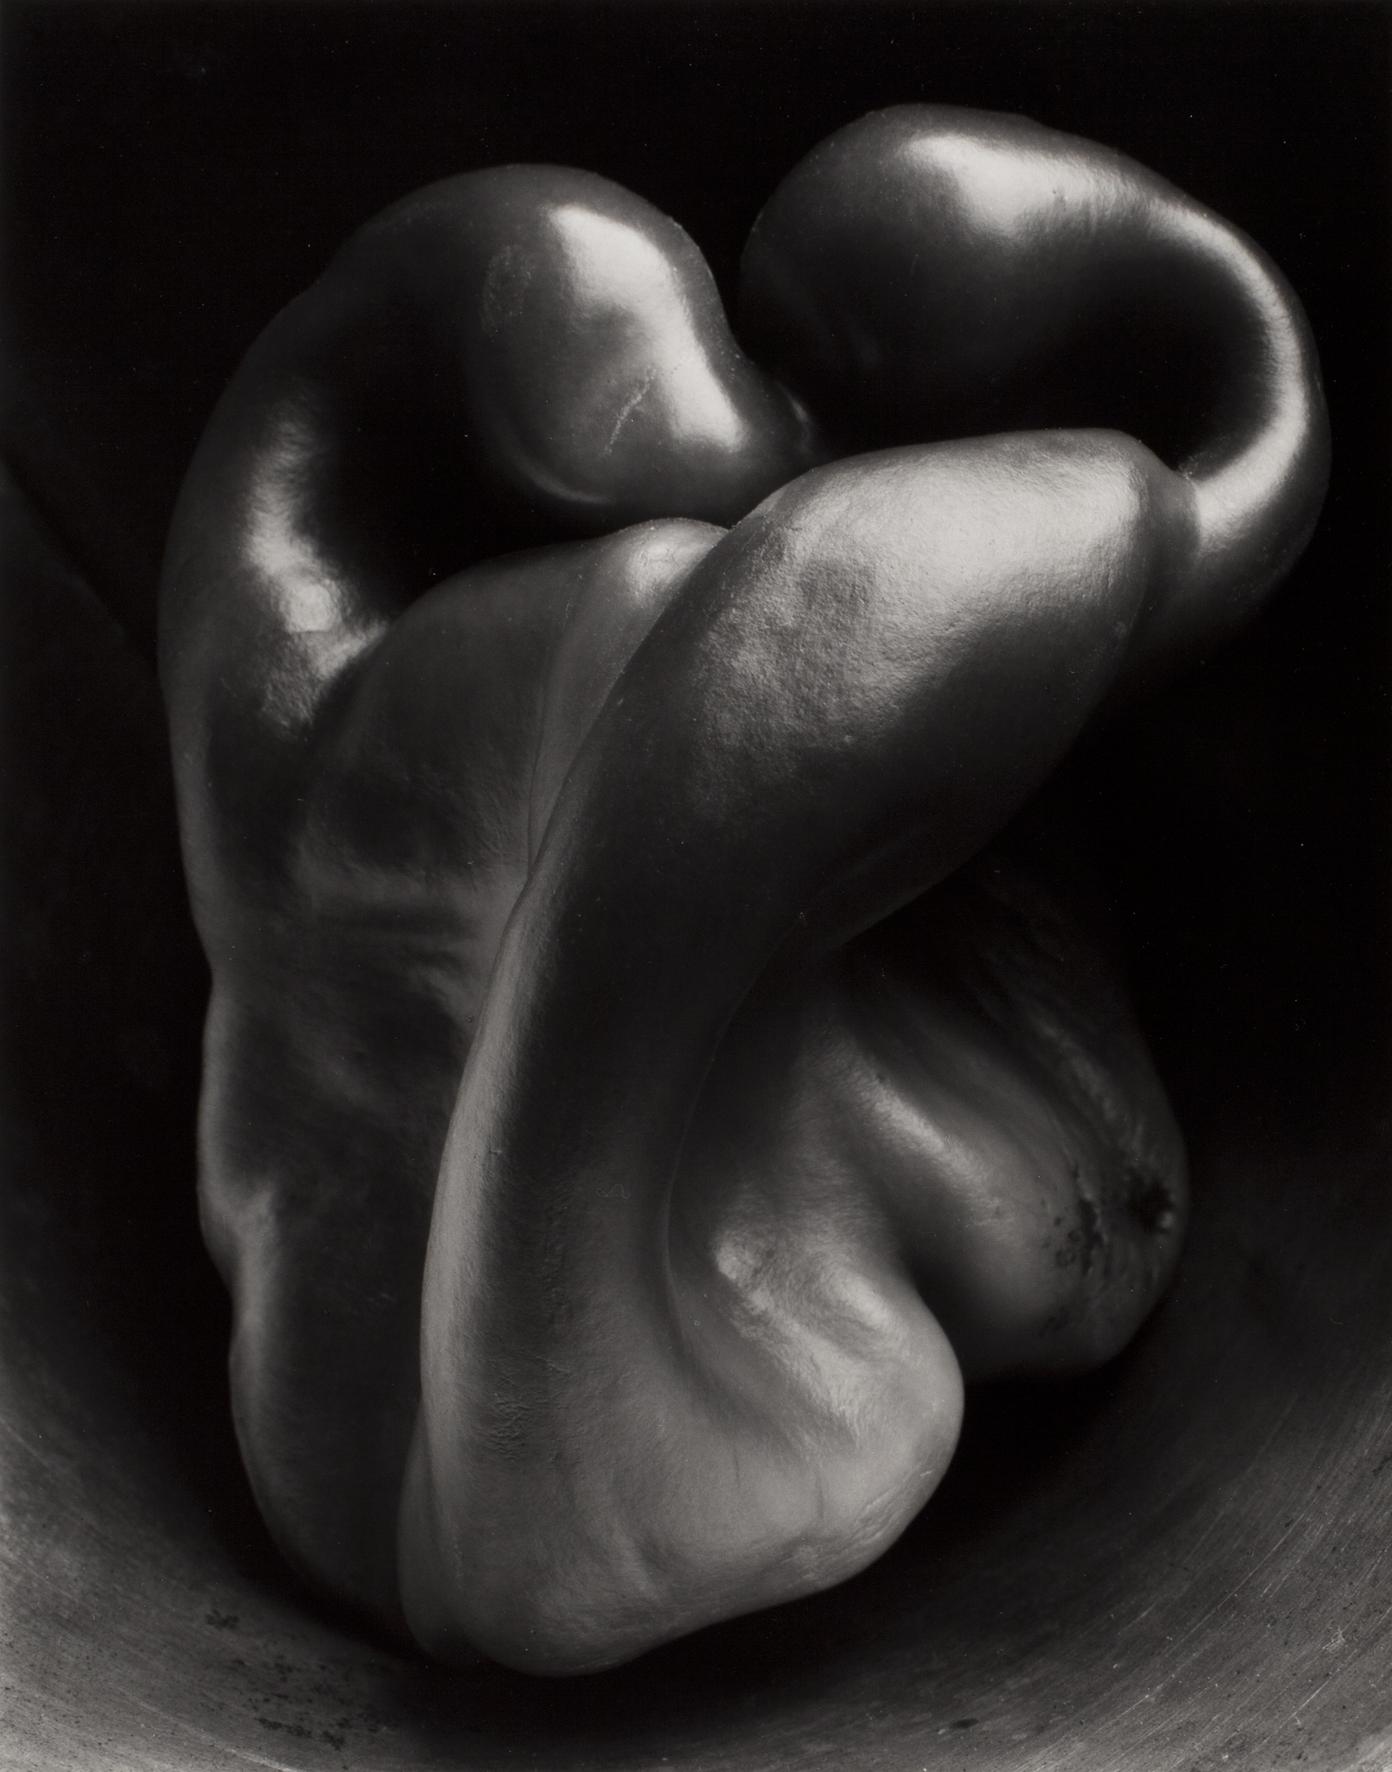 Edward Weston - Pepper no.30 , 1930 - stampa alla gelatina d'argento - © 1981 Center for Creartive Photography, Arizona board of Regents - Collezione Fondazione Cassa di Risparmio di Modena